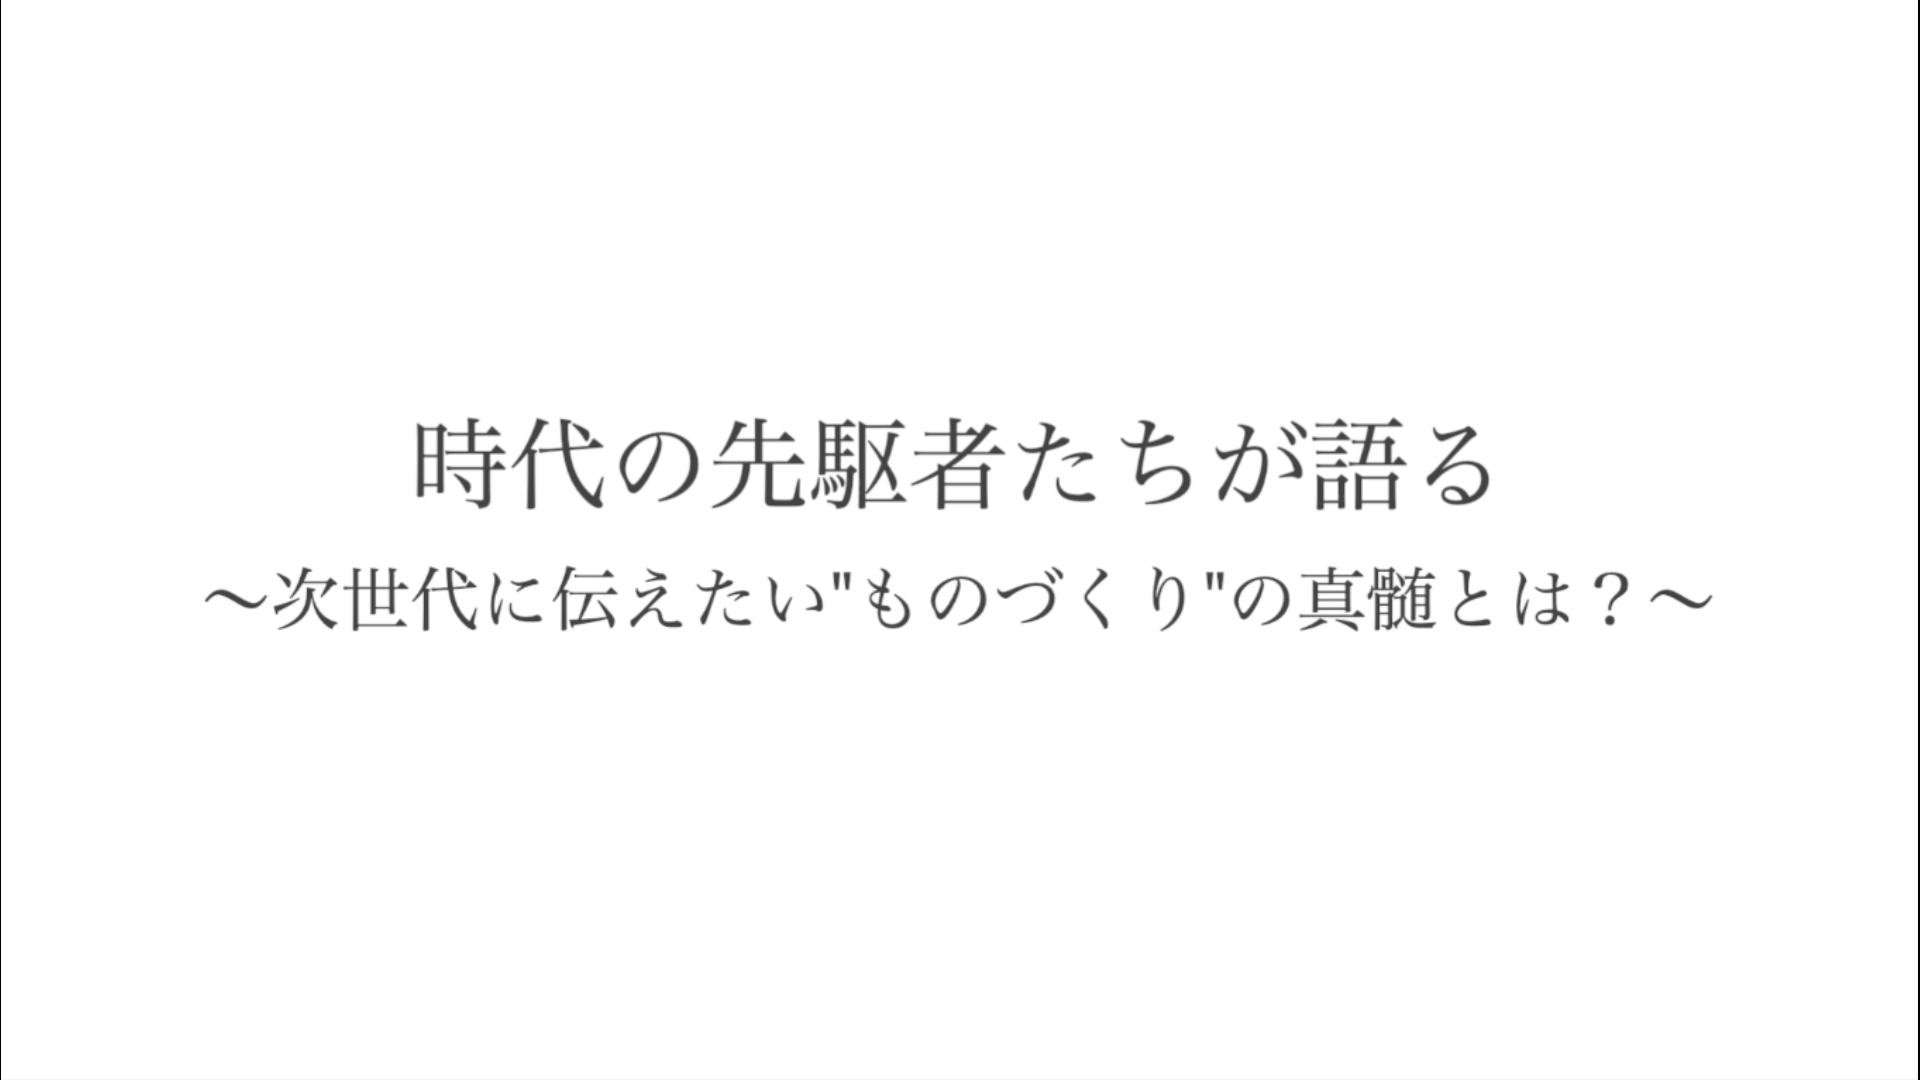 """時代の先駆者たちが語る(エンジニア:小嶋""""ojjy""""淳一朗)"""